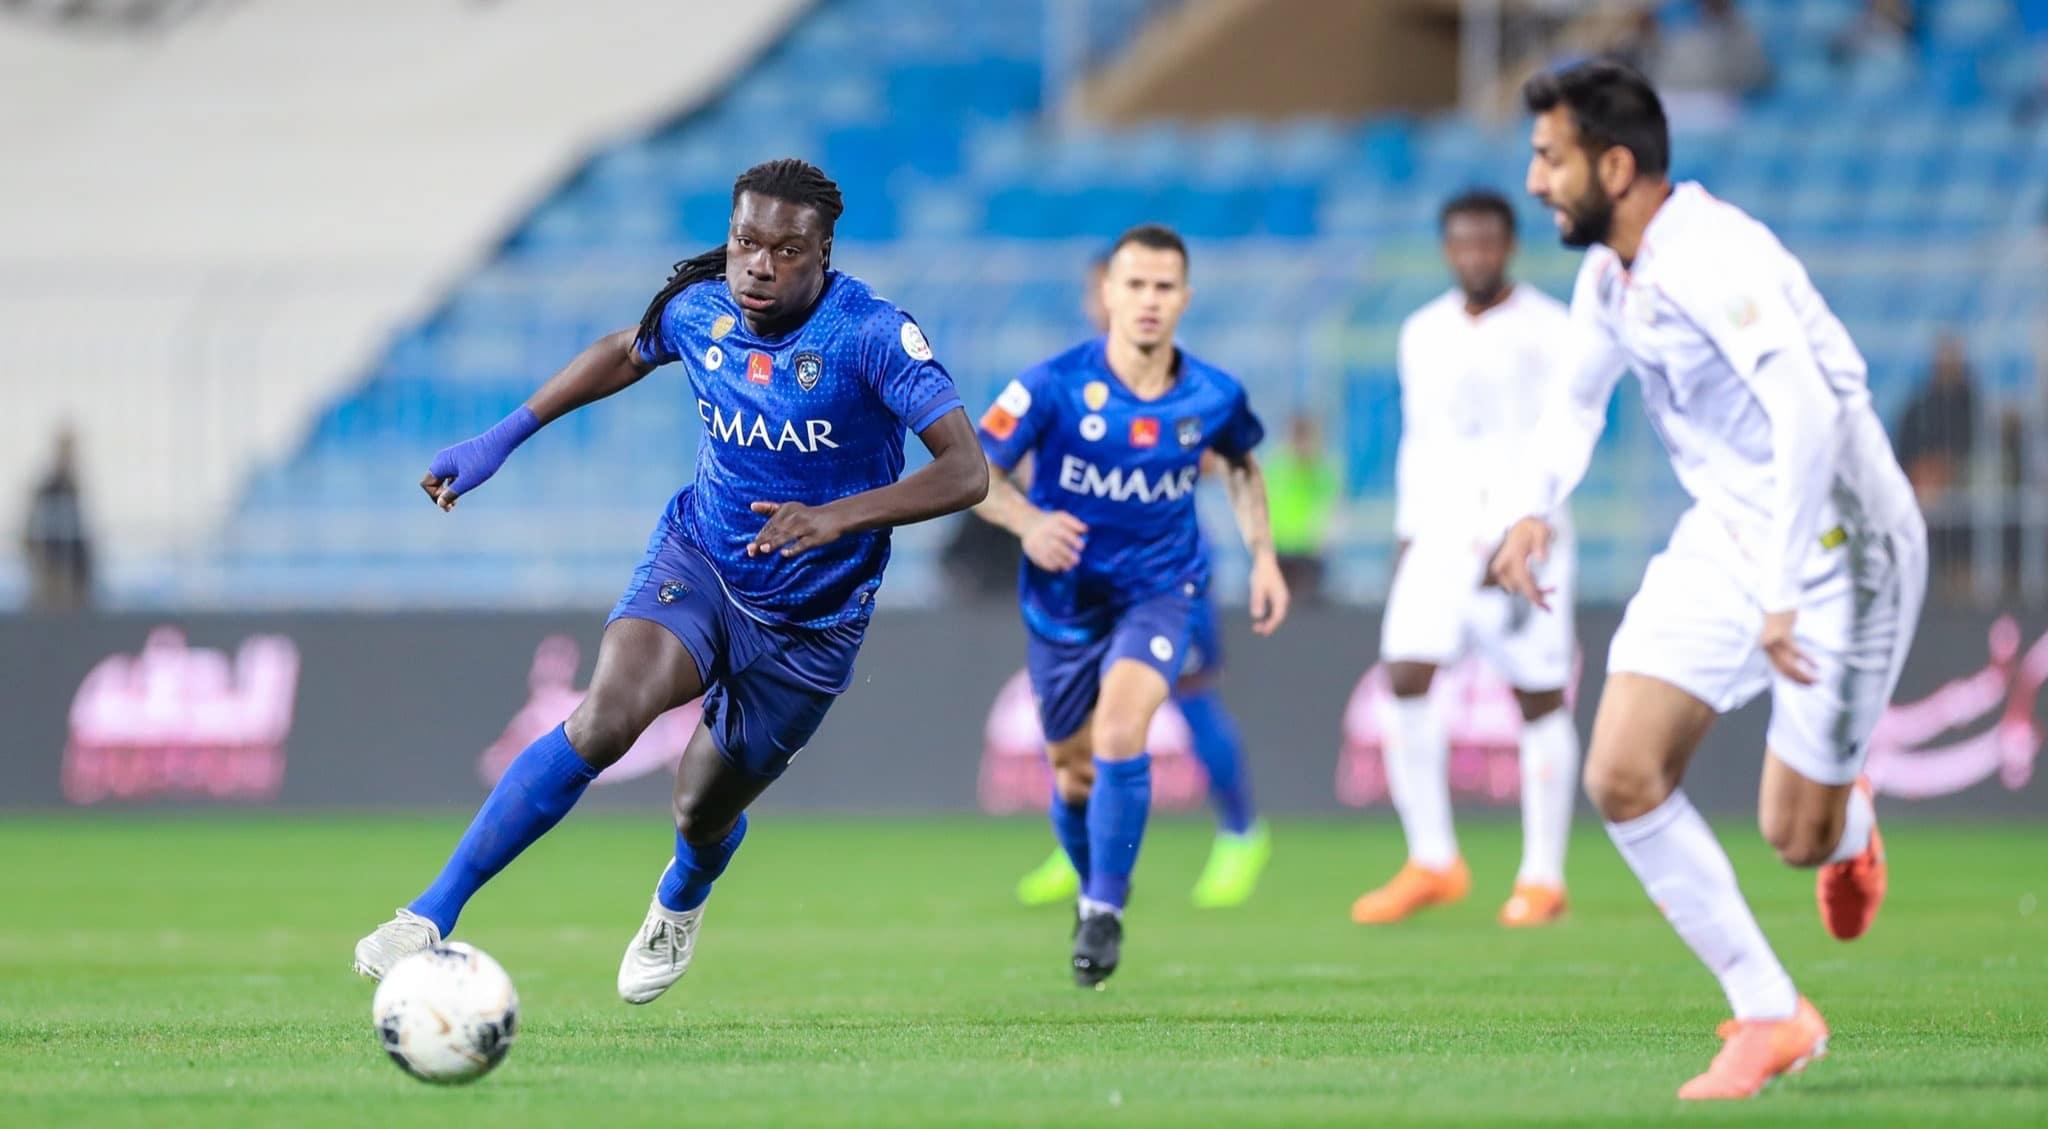 موعد مباراة الهلال القادمة في آسيا ضد شباب الأهلي الإماراتي في الجولة الأخيرة